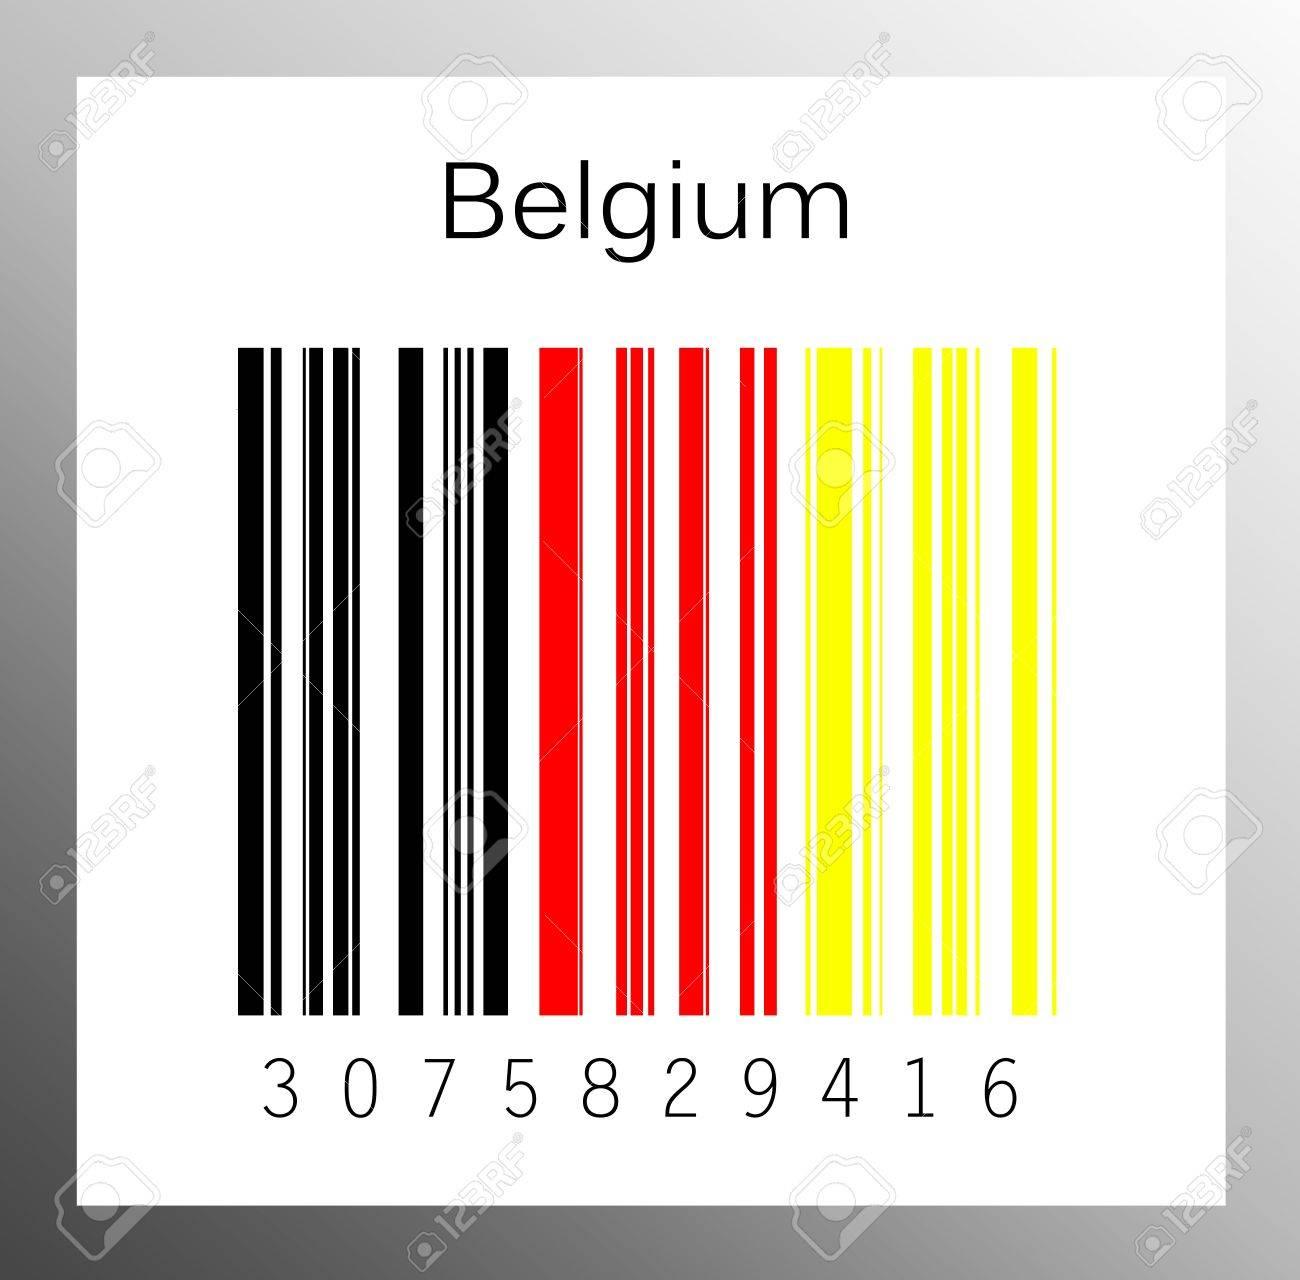 Barcode Belgium Stock Photo - 15890903